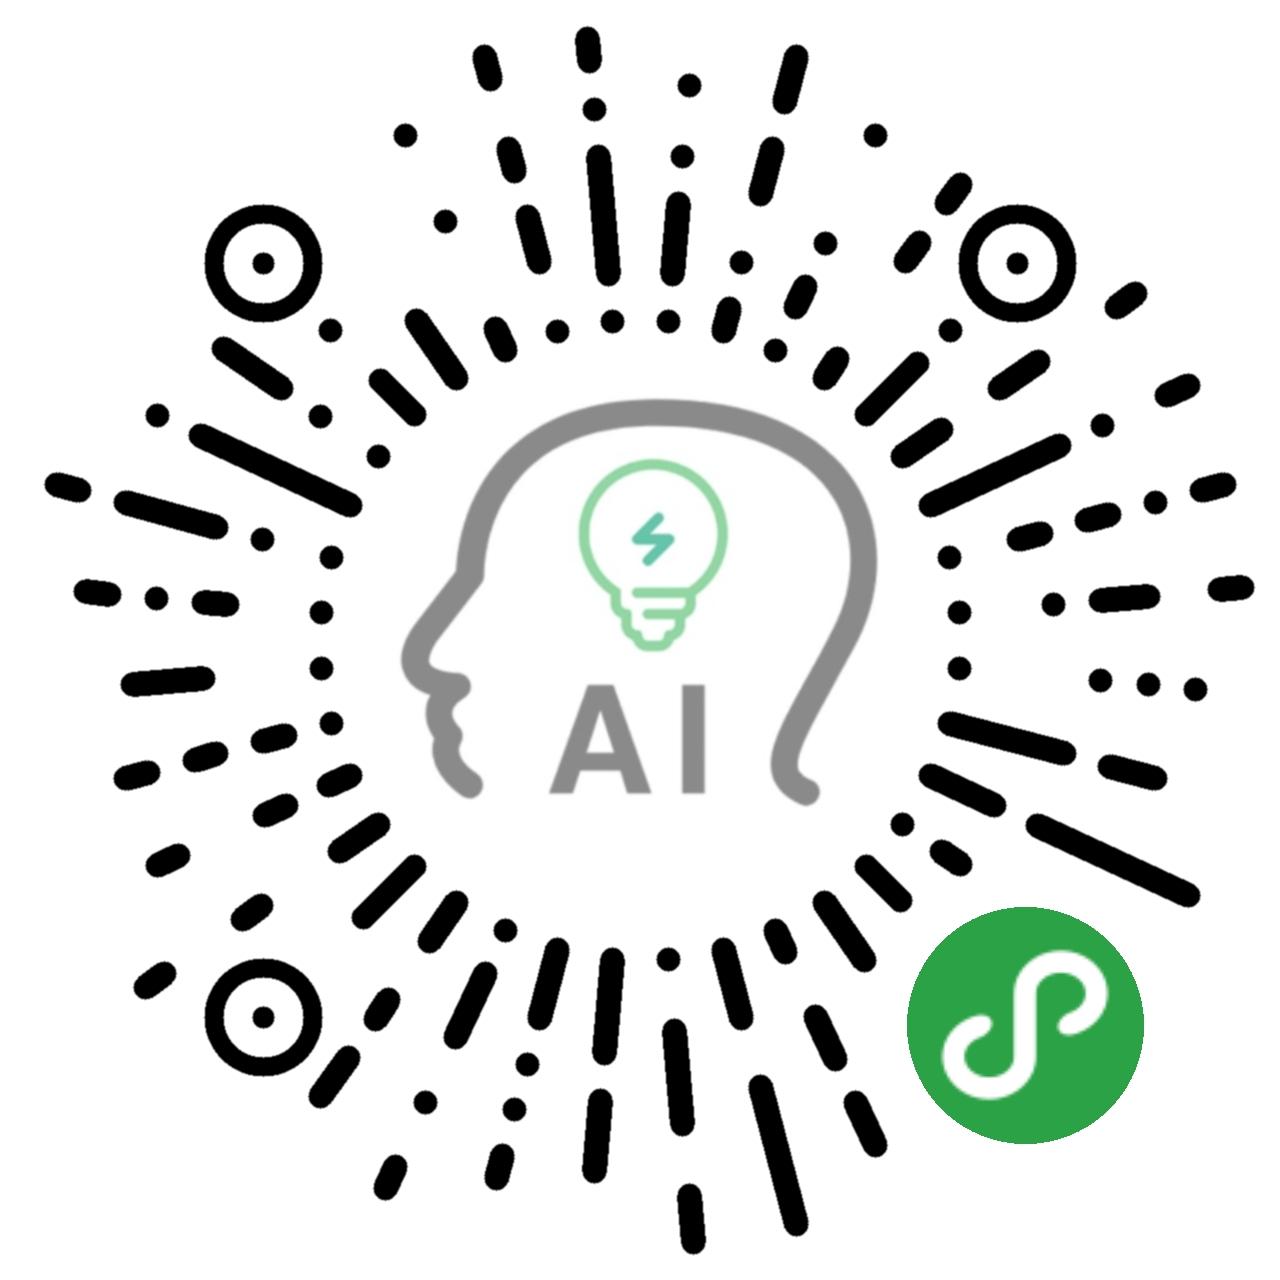 【小程序】AI人工智能取名 取名更更加轻松 微信小程序-爱小助